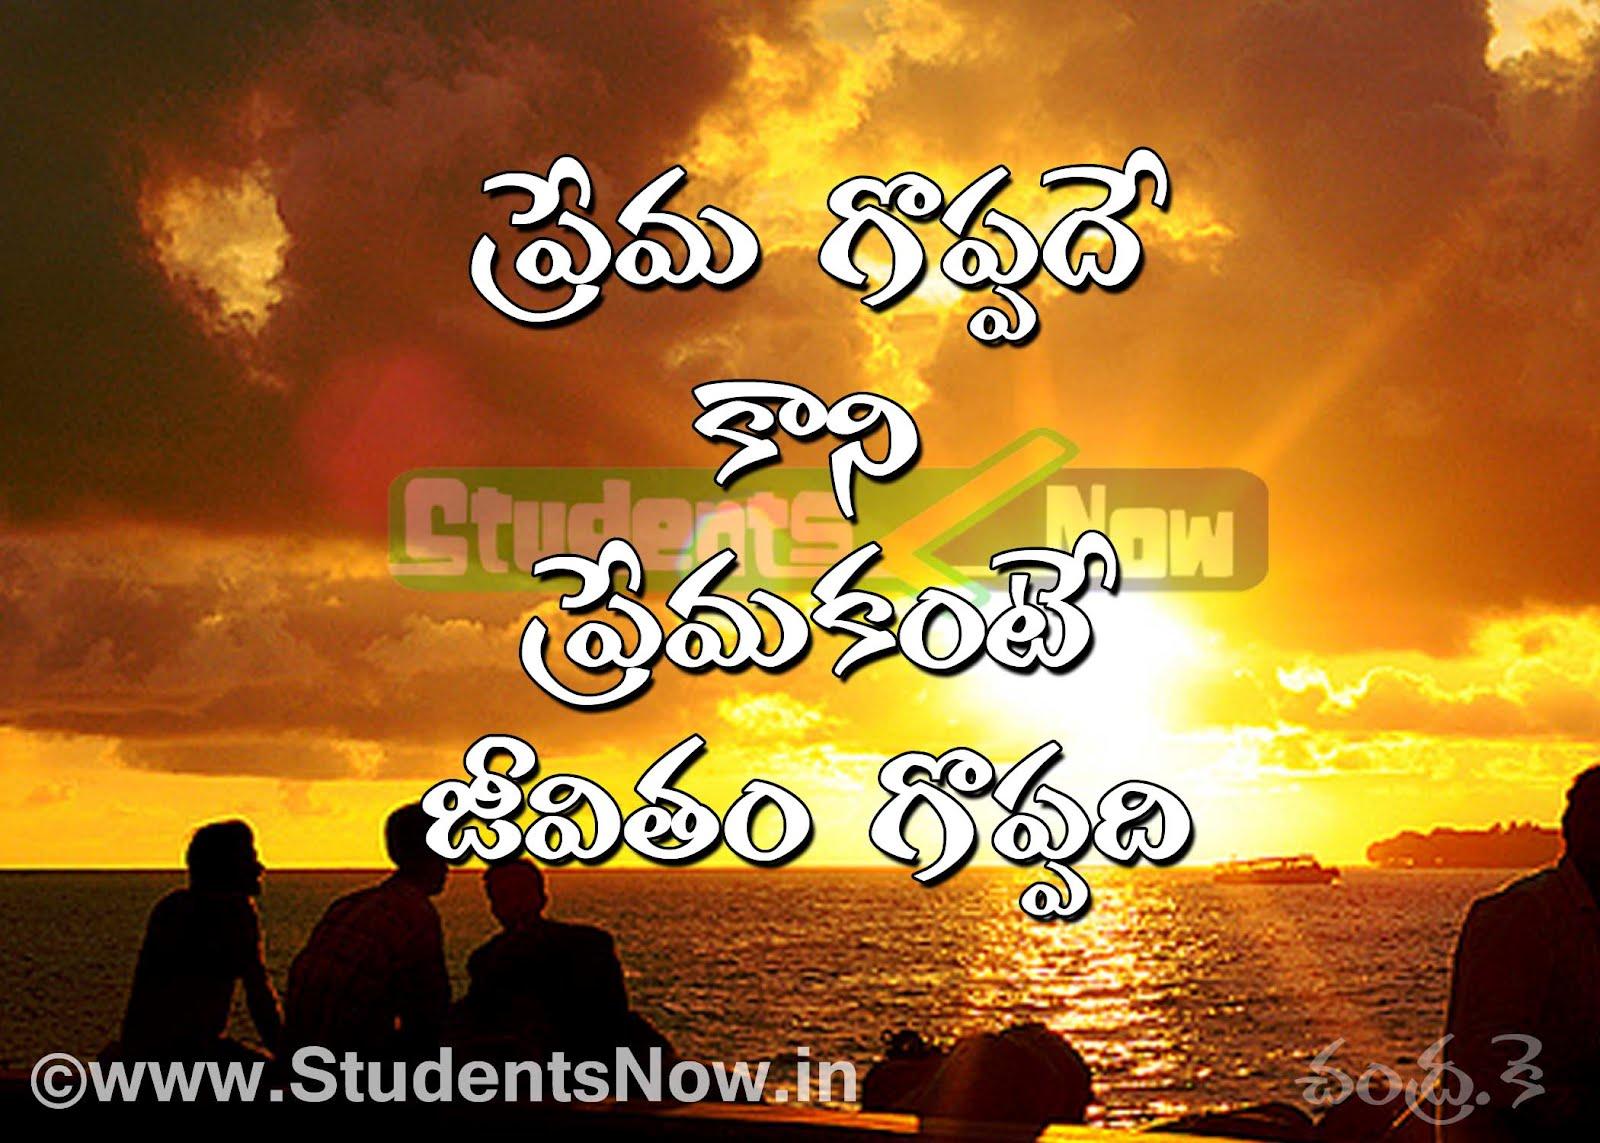 http://2.bp.blogspot.com/-1ybEfORZDBo/UBJ53aGck_I/AAAAAAAAO2g/CWJxhwMmBas/s1600/Life+Quote+Telugu+-+StudentsNow.in.jpg